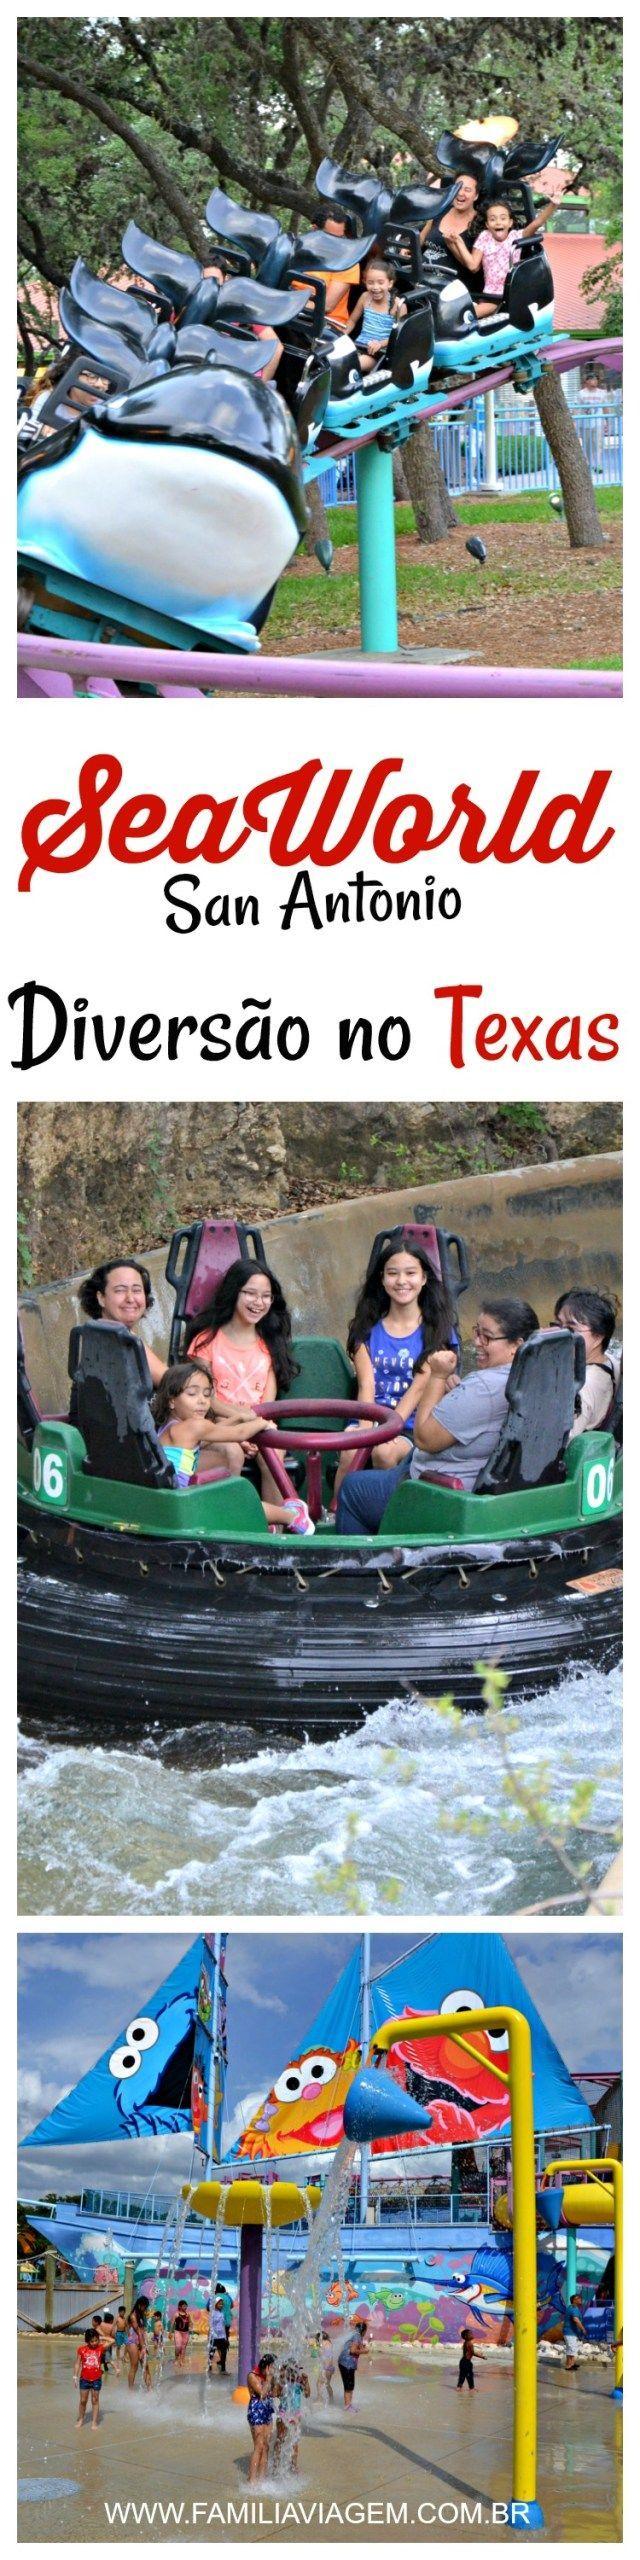 No SeaWorld San Antonio, no Texas, a diversão é garantida pra todas as idades: tem brinquedos pras crianças, montanha russa e atrações radicais para os aventureiros e shows que vão encantar toda a família